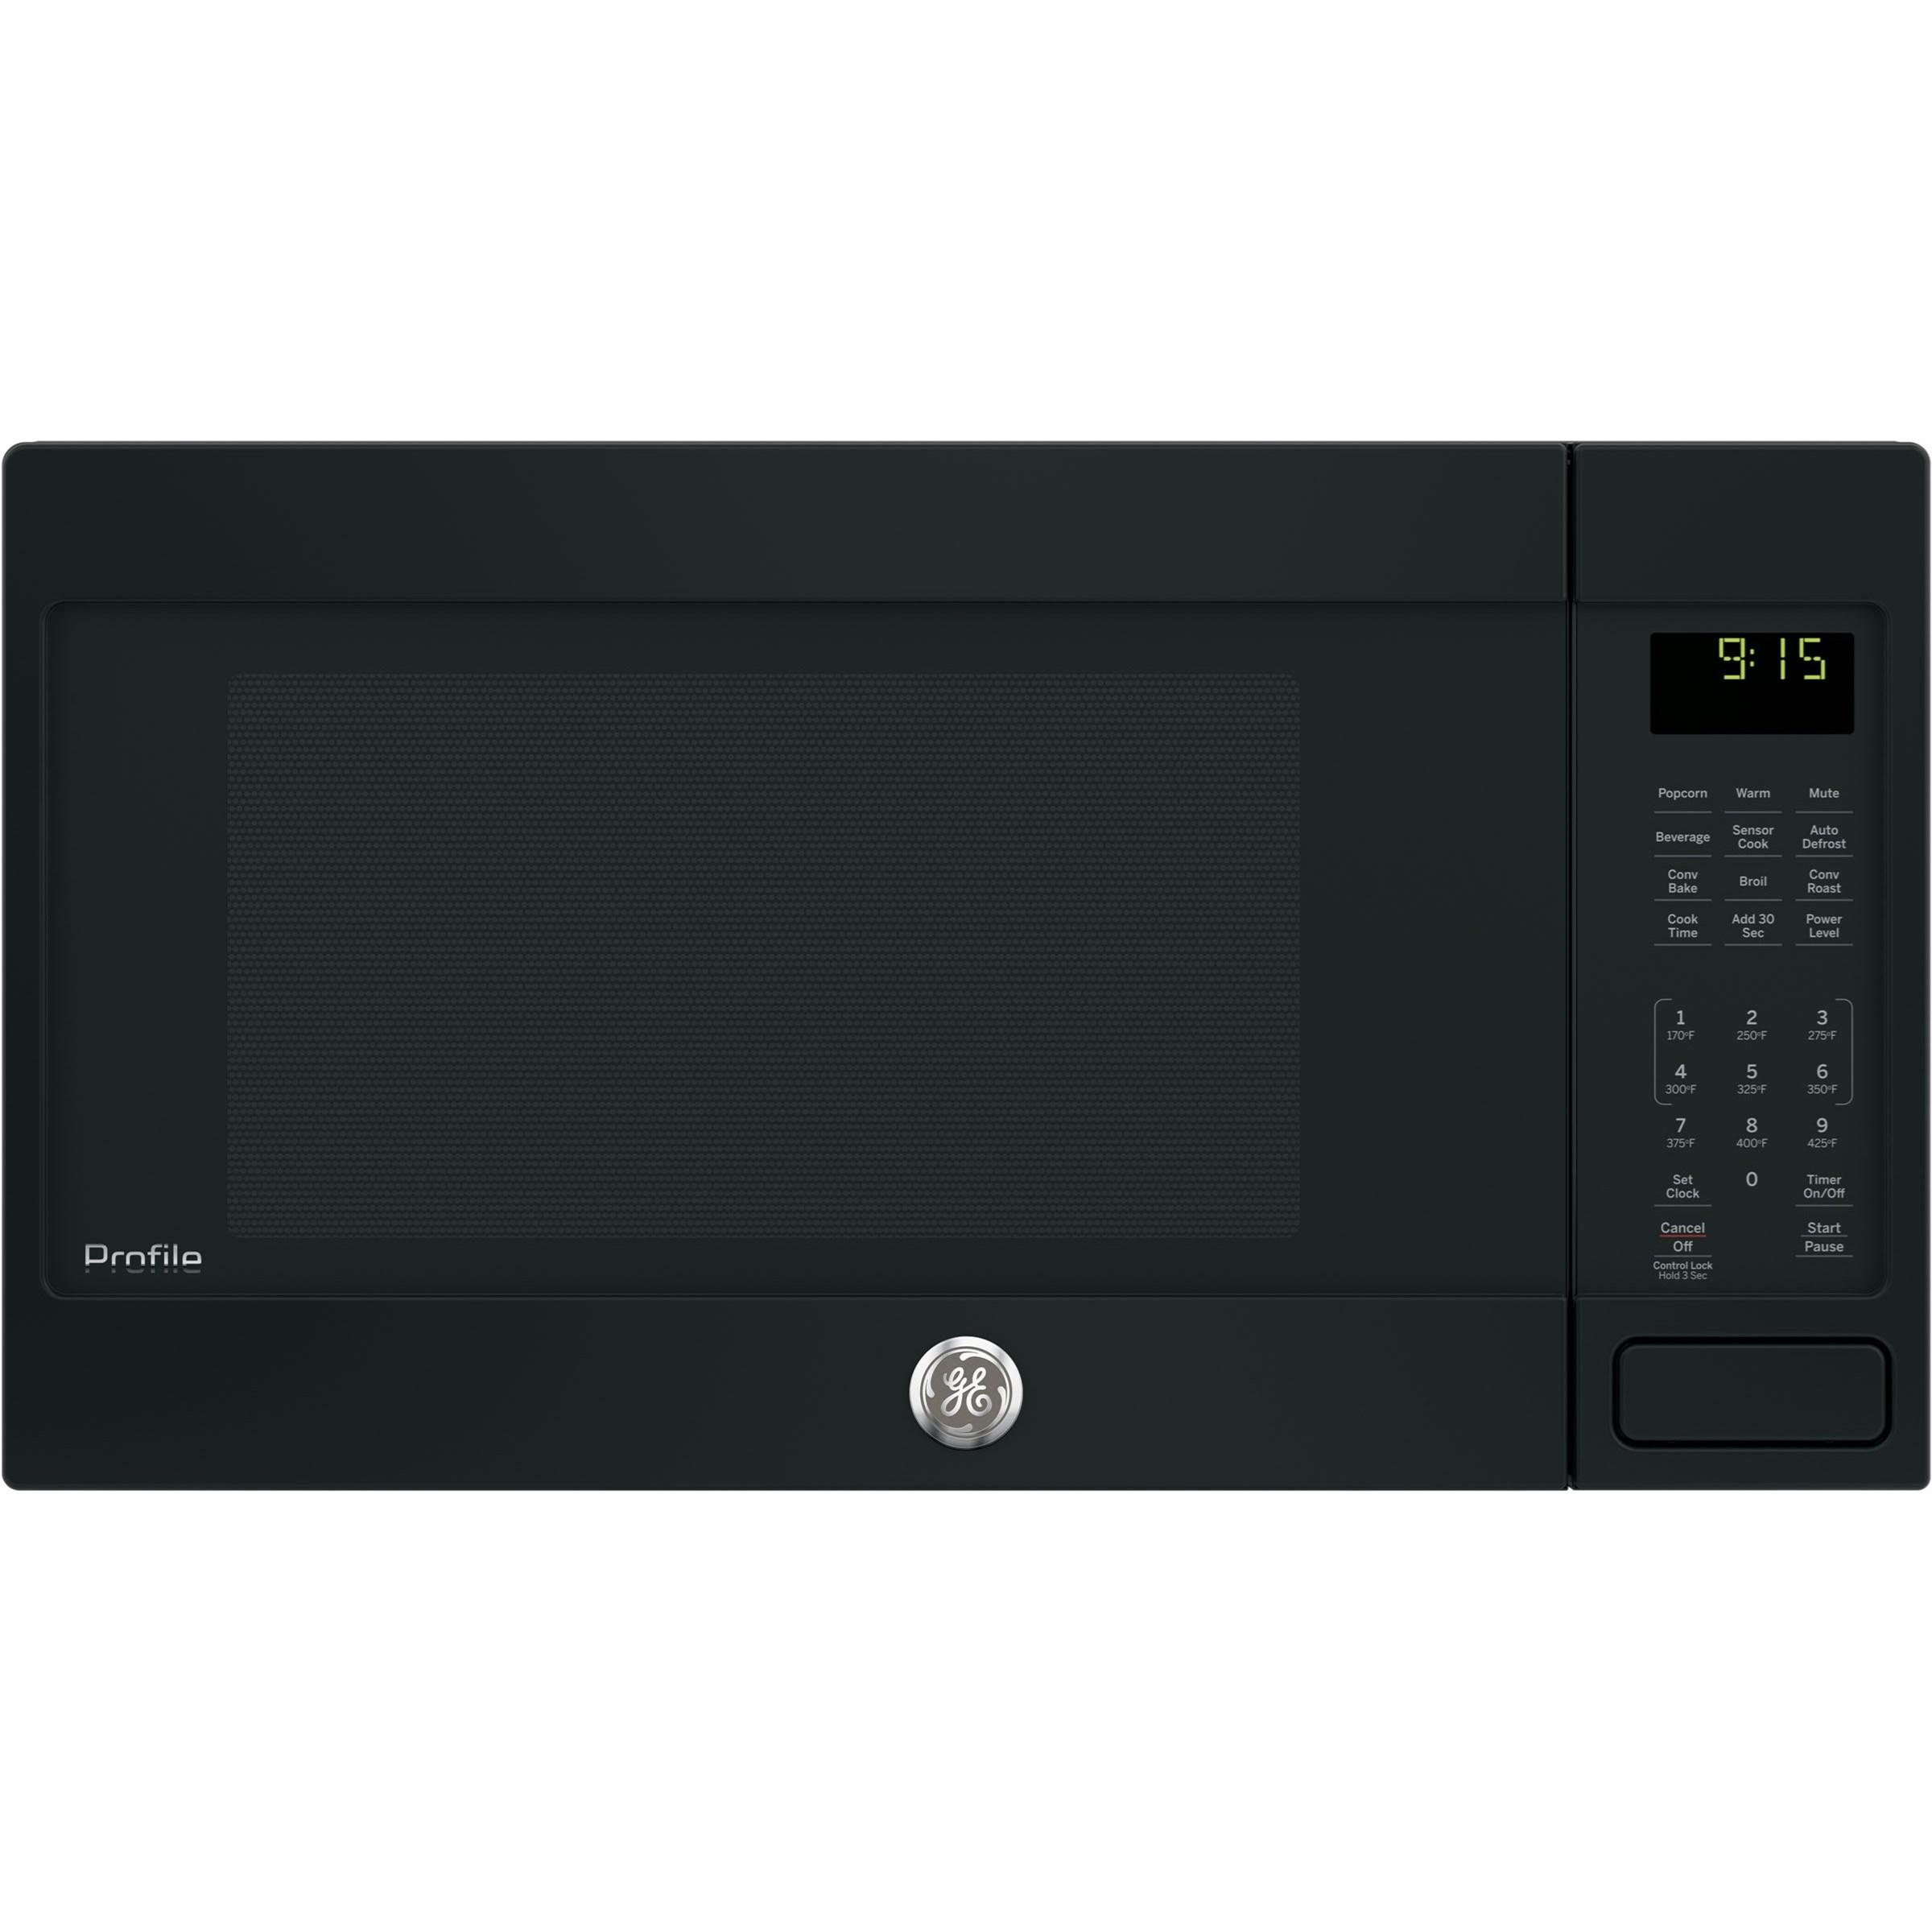 ge microwaves profile 1 5 cu ft countertop microwave